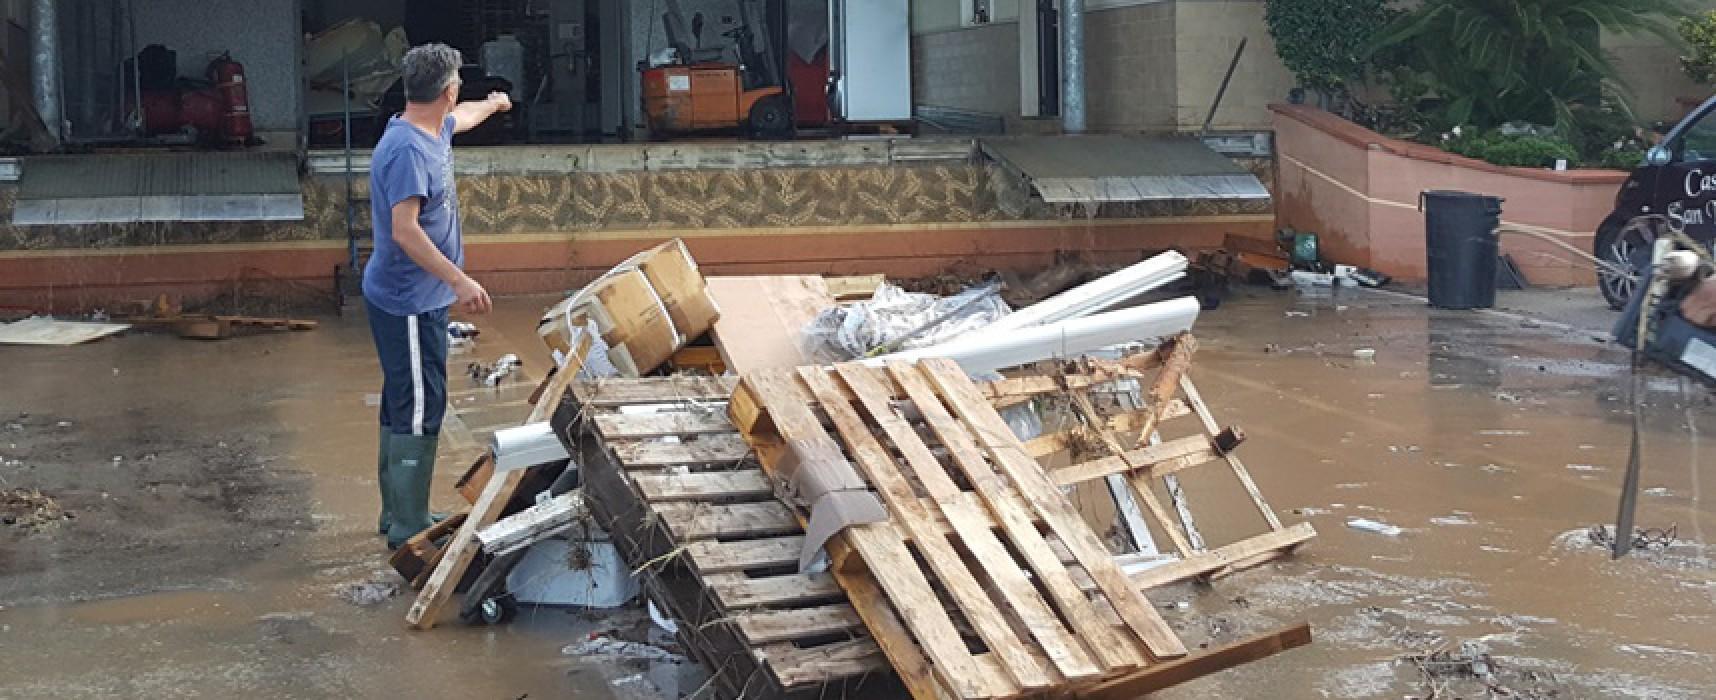 """Alluvione dello scorso luglio, Cna rete e imprese: """"Dove sono gli aiuti sperati?"""""""